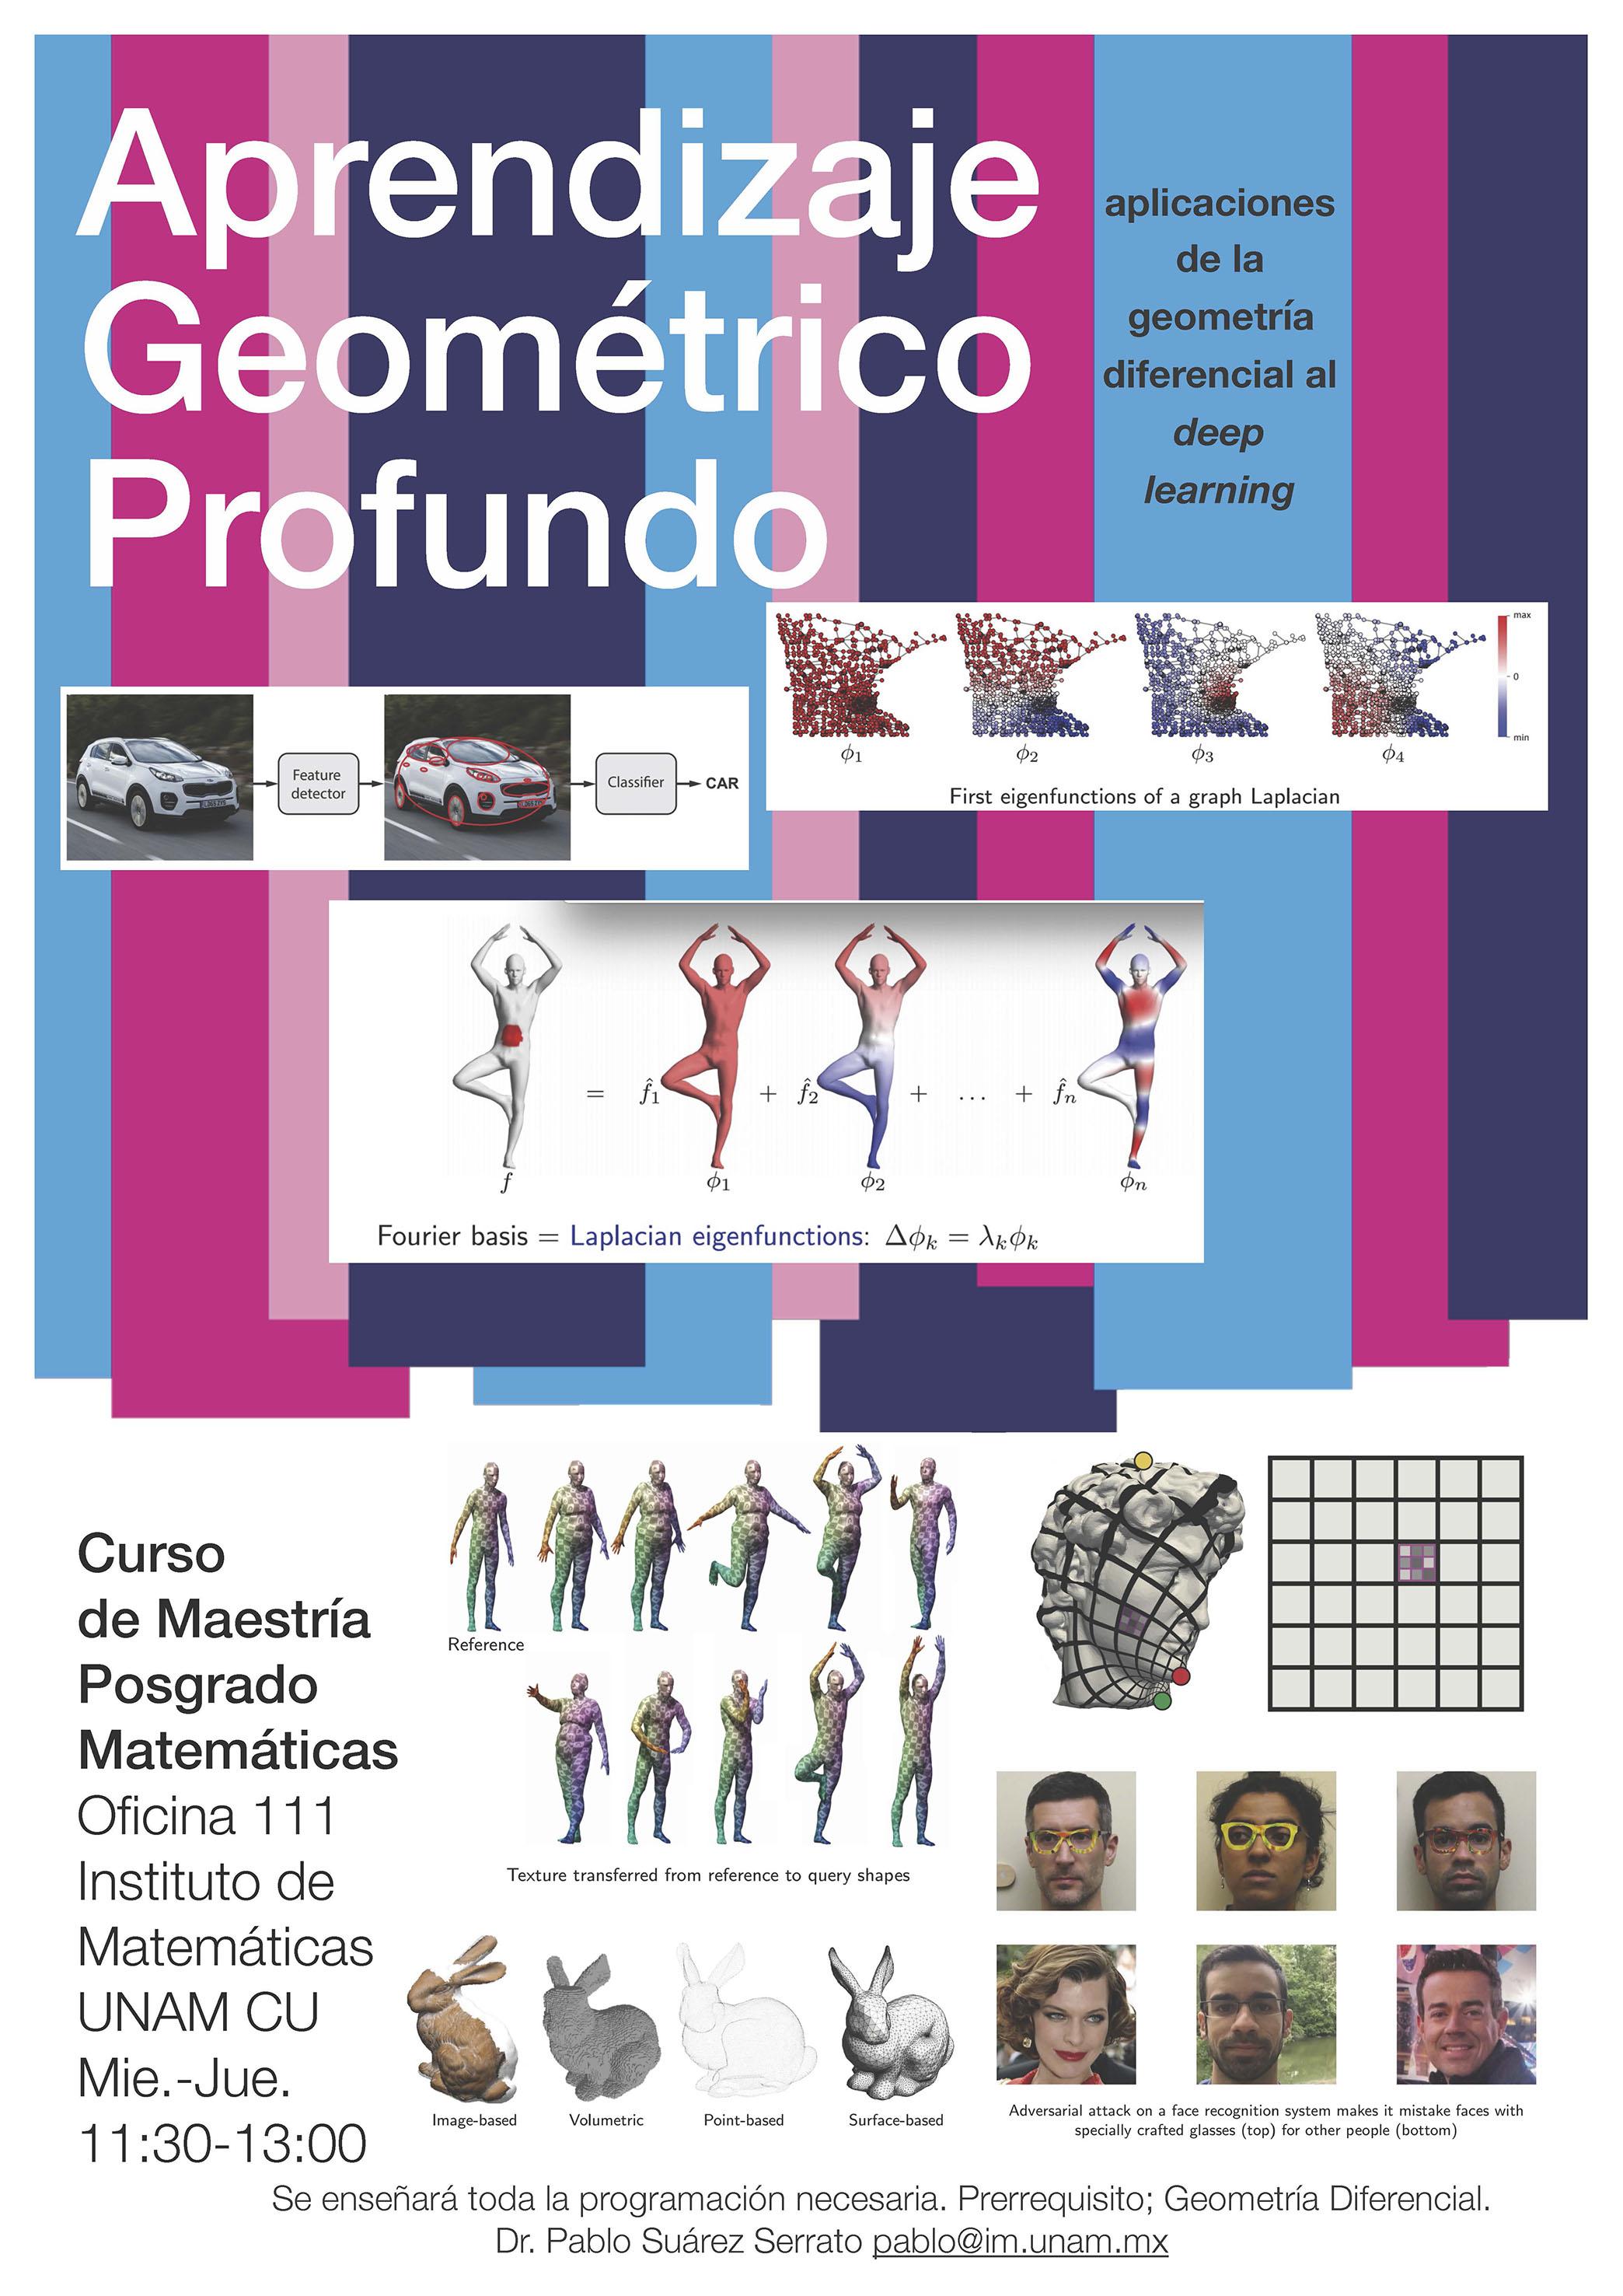 Curso: Aprendizaje Geométrico Profundo. Aplicaciones de la geometría diferencial al deep learning